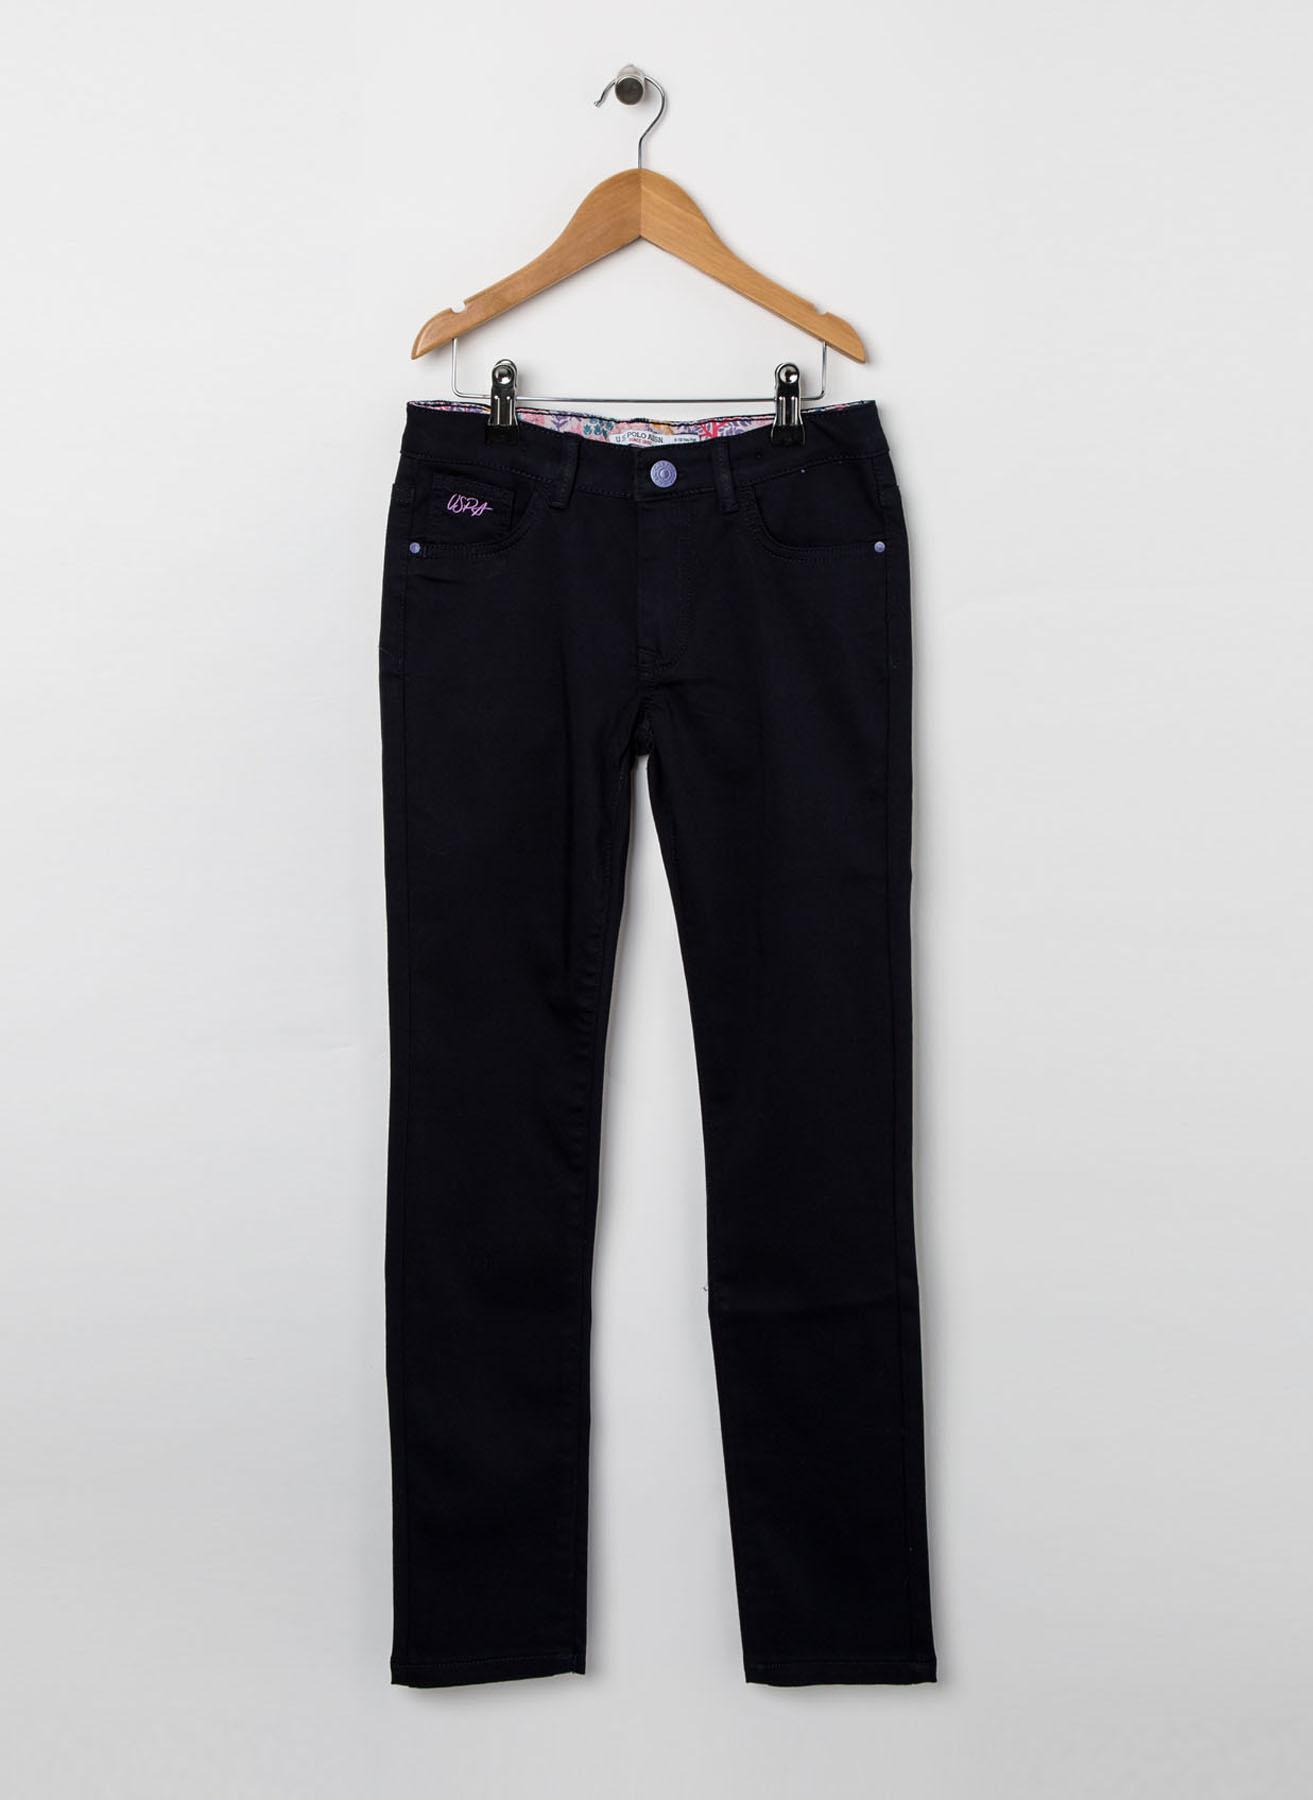 U.S. Polo Assn. Genç Kız Lacivert Pantolon 9 Yaş 5001704559011 Ürün Resmi